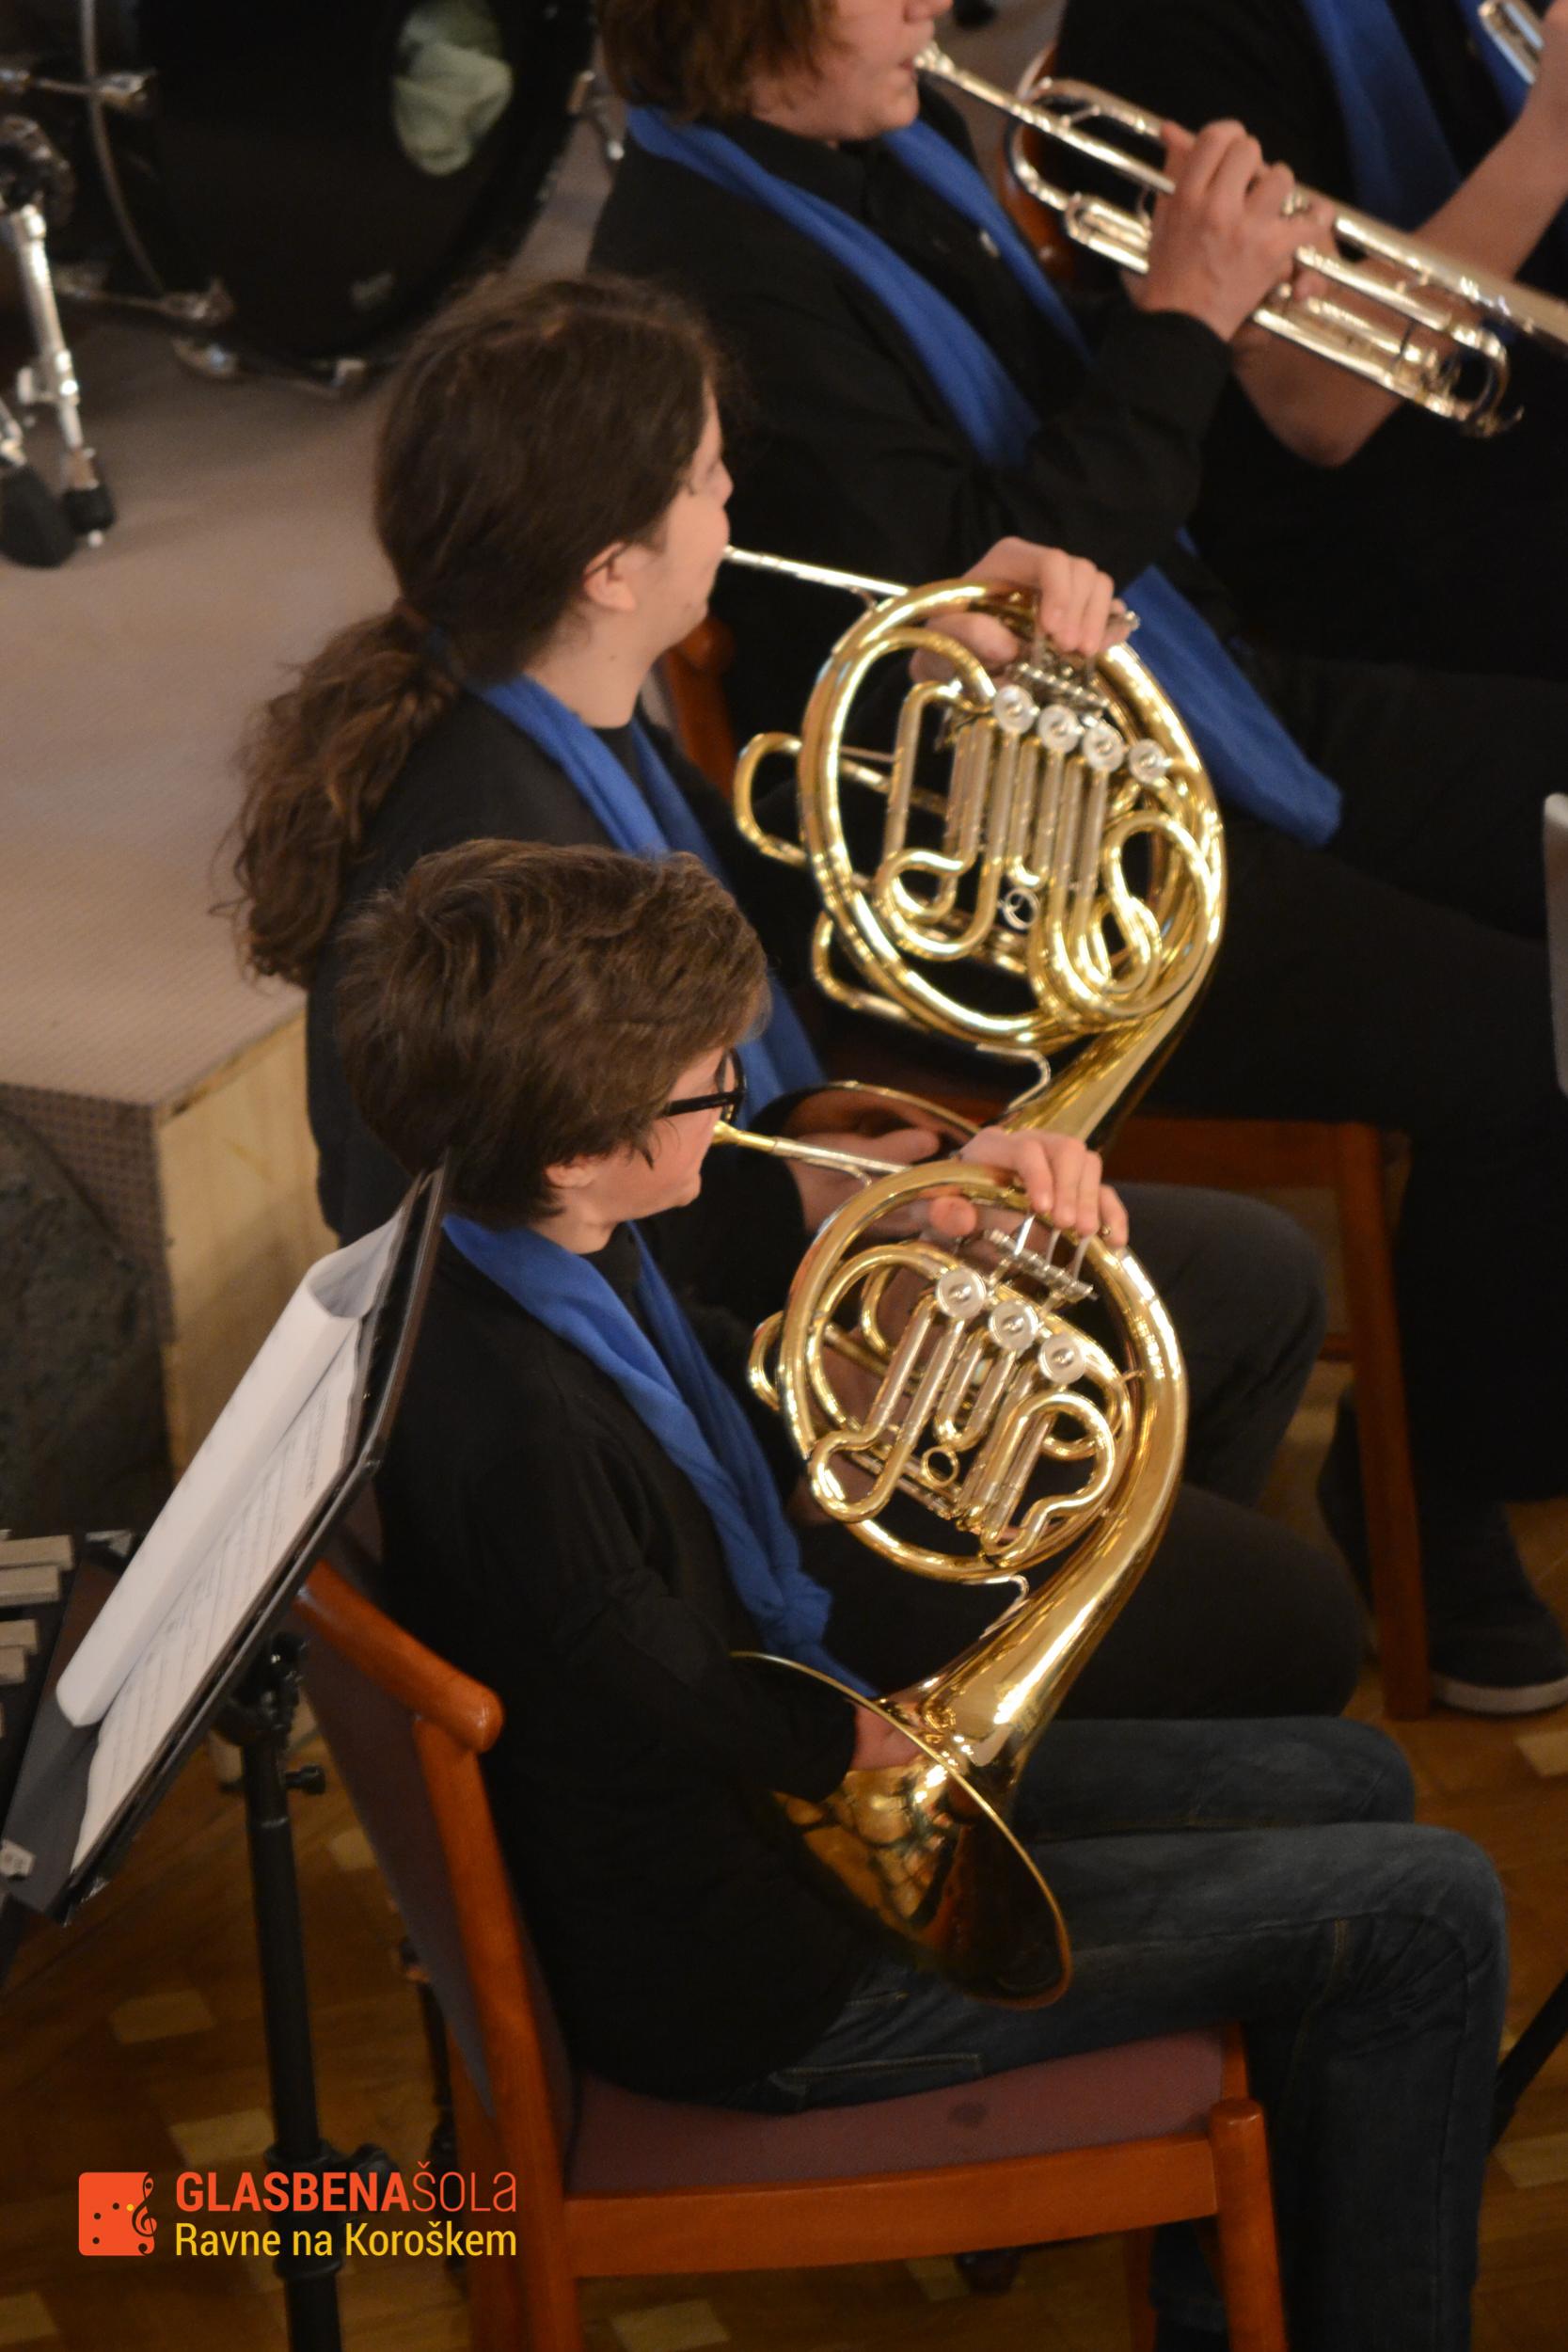 orkester_gs_ravne_rogaska-18